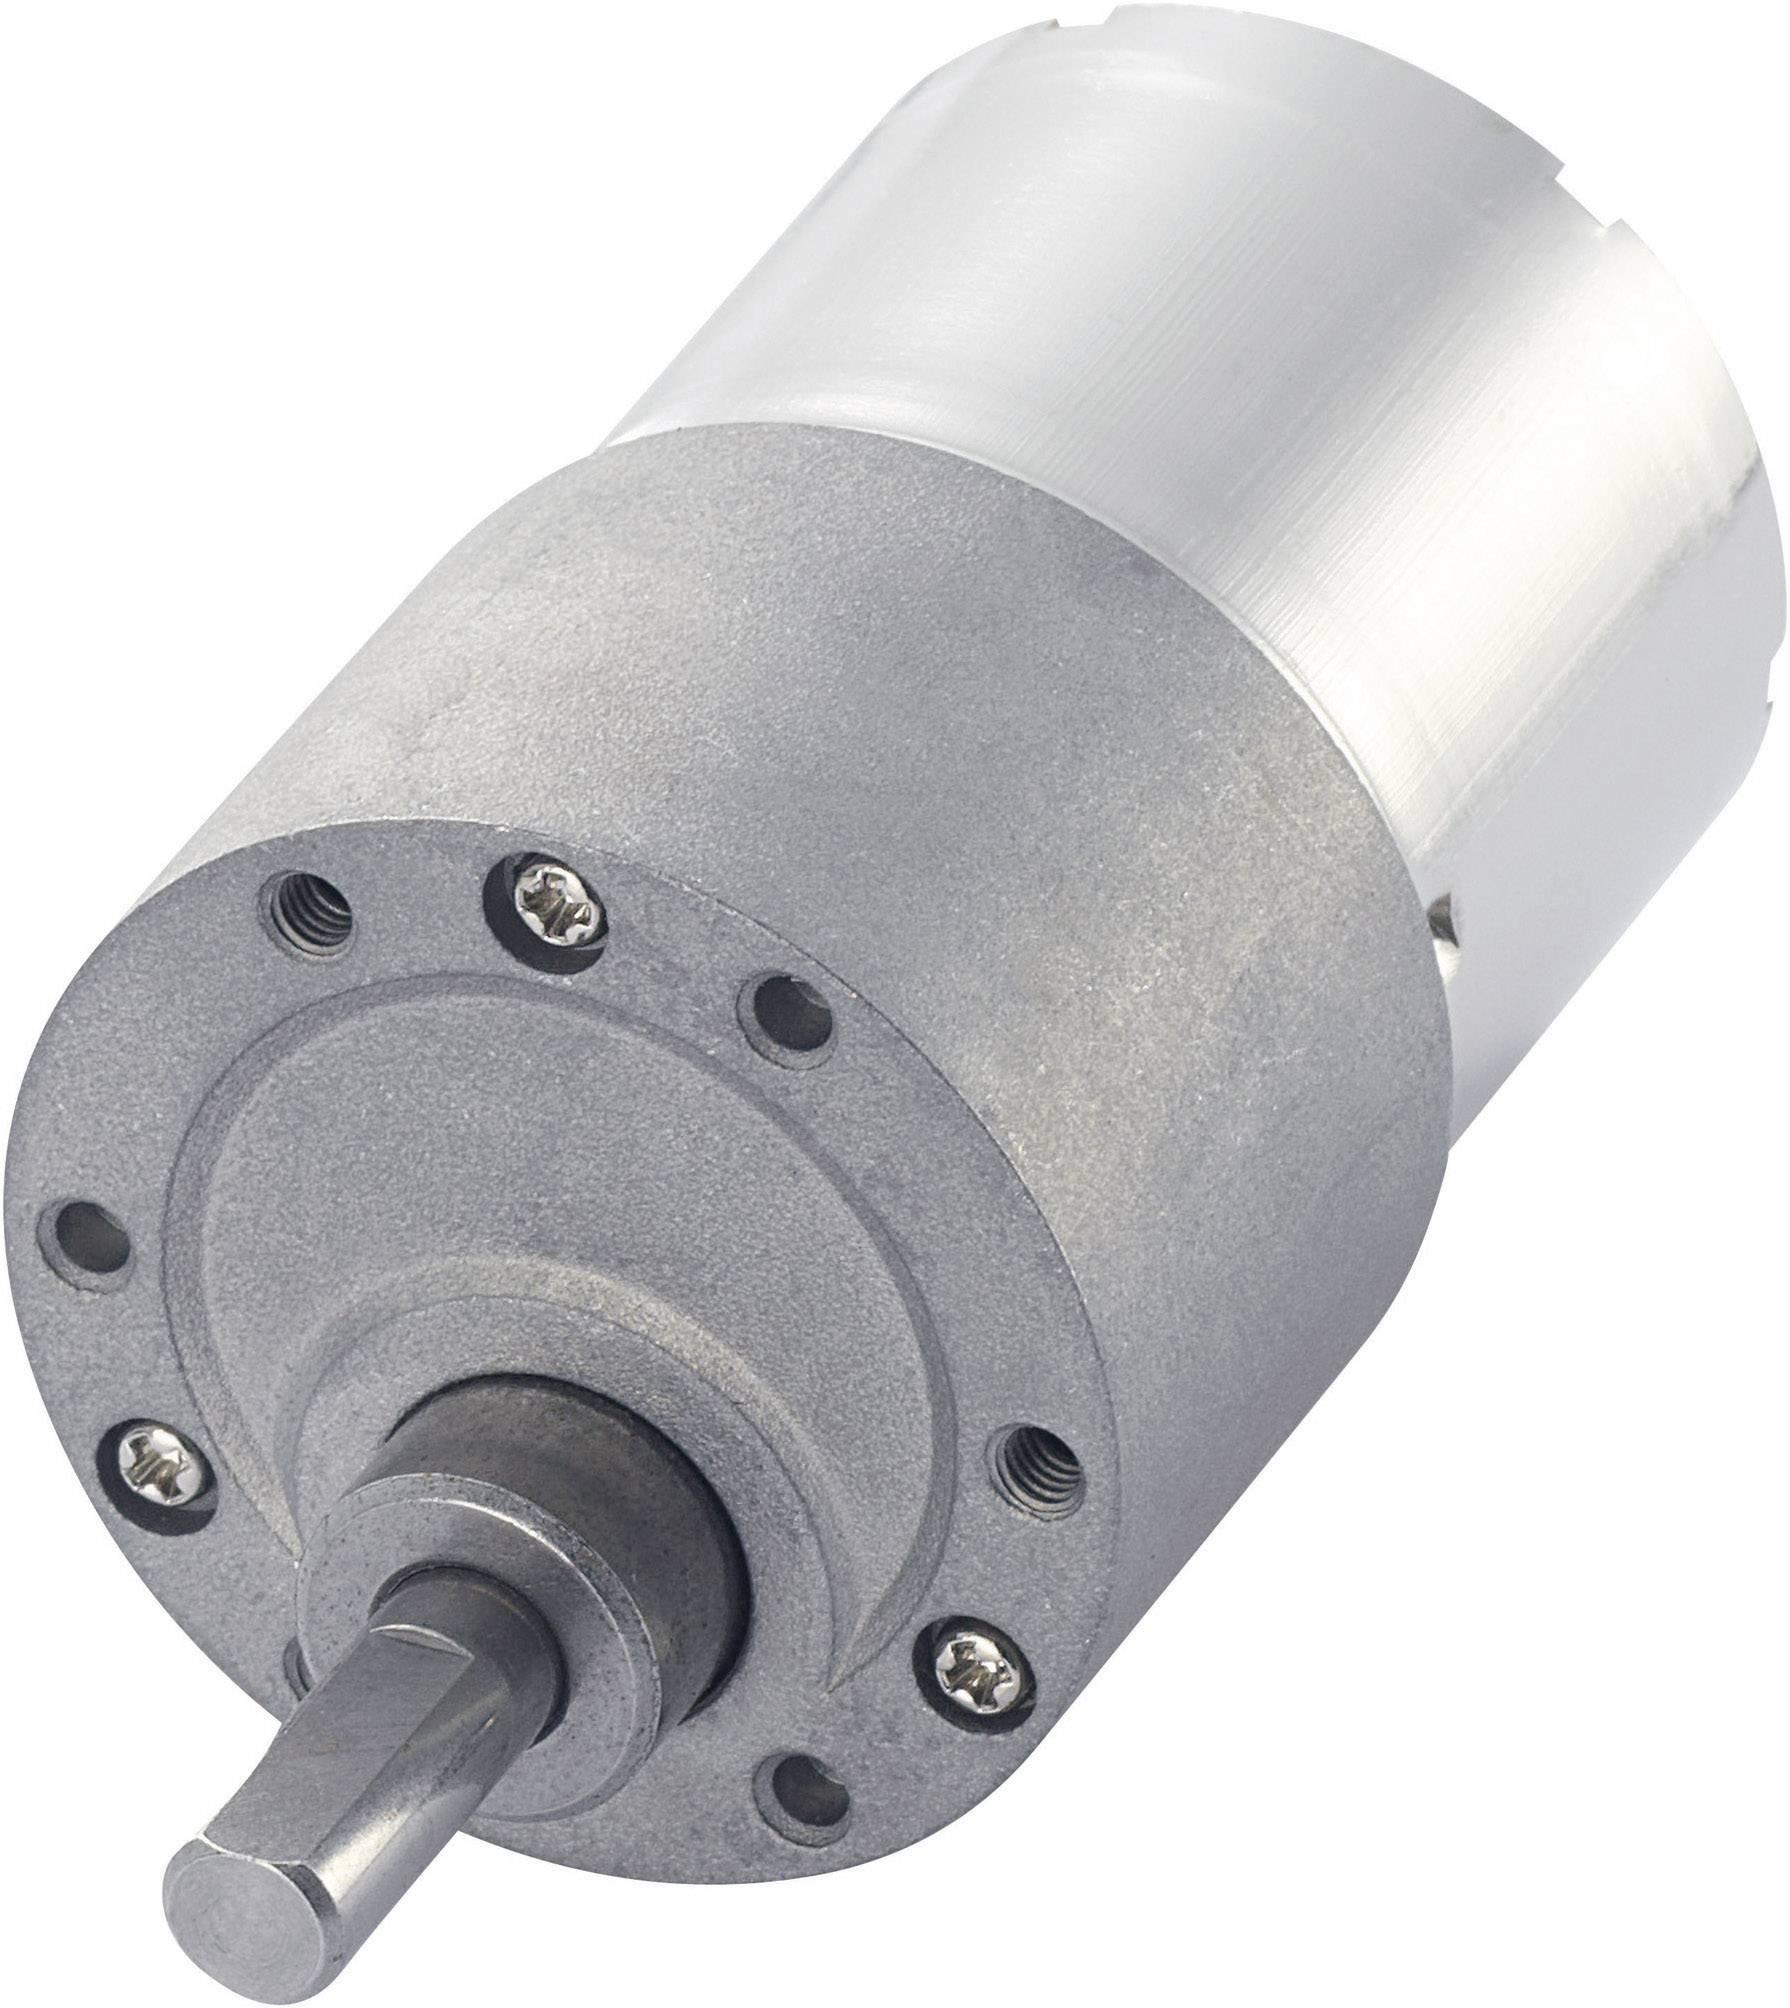 Prevodový motor Modelcraft RB350600-0A101R, 12 V, 600:1